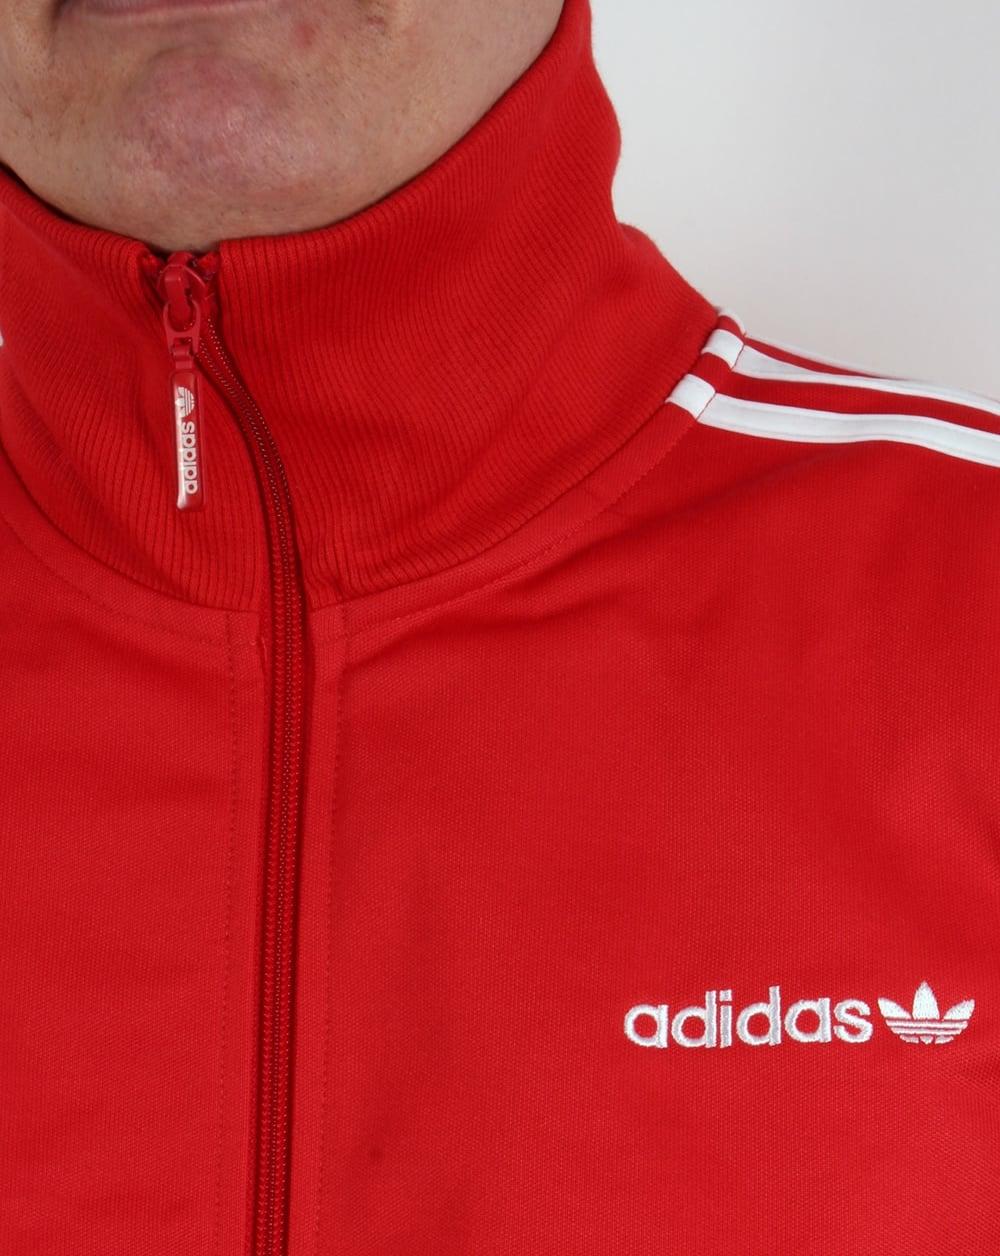 ... adidas originals beckenbauer track top red ... 142e04227